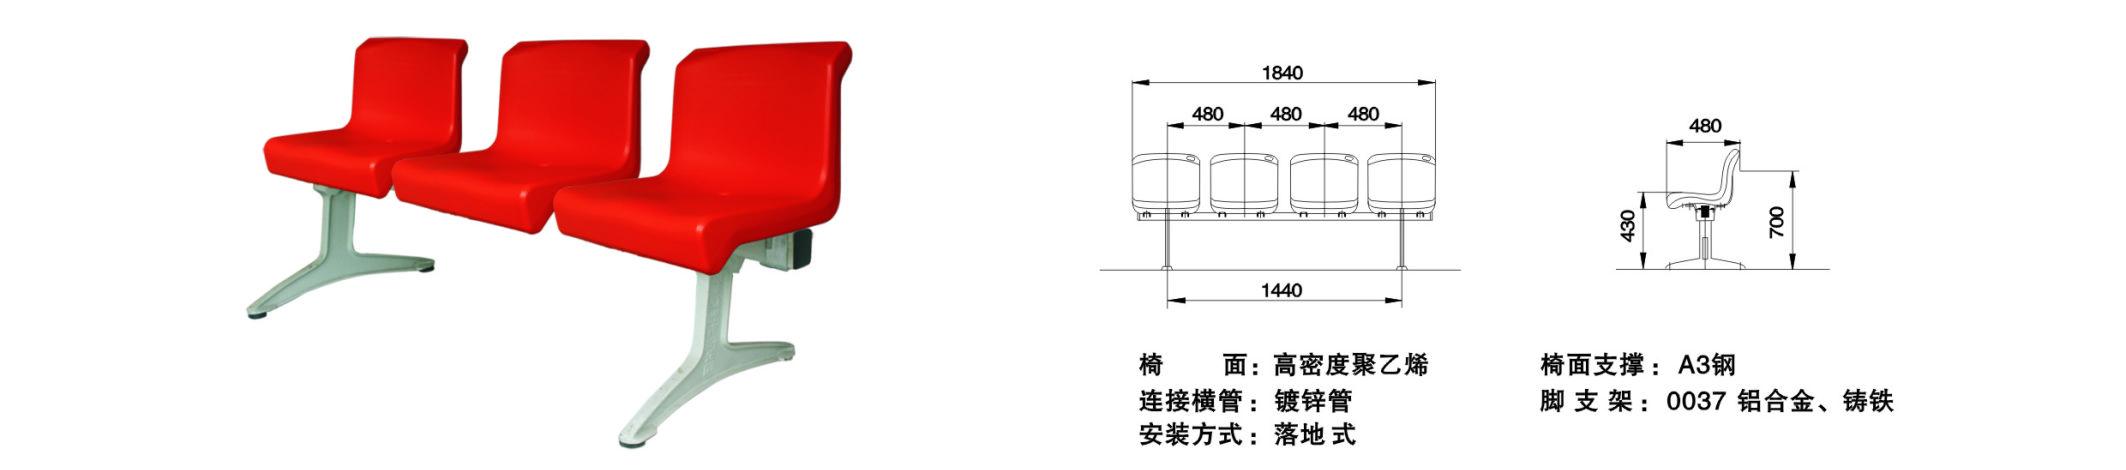 2018易胜博ysb88客户端体育画册修改稿-qu.jpg